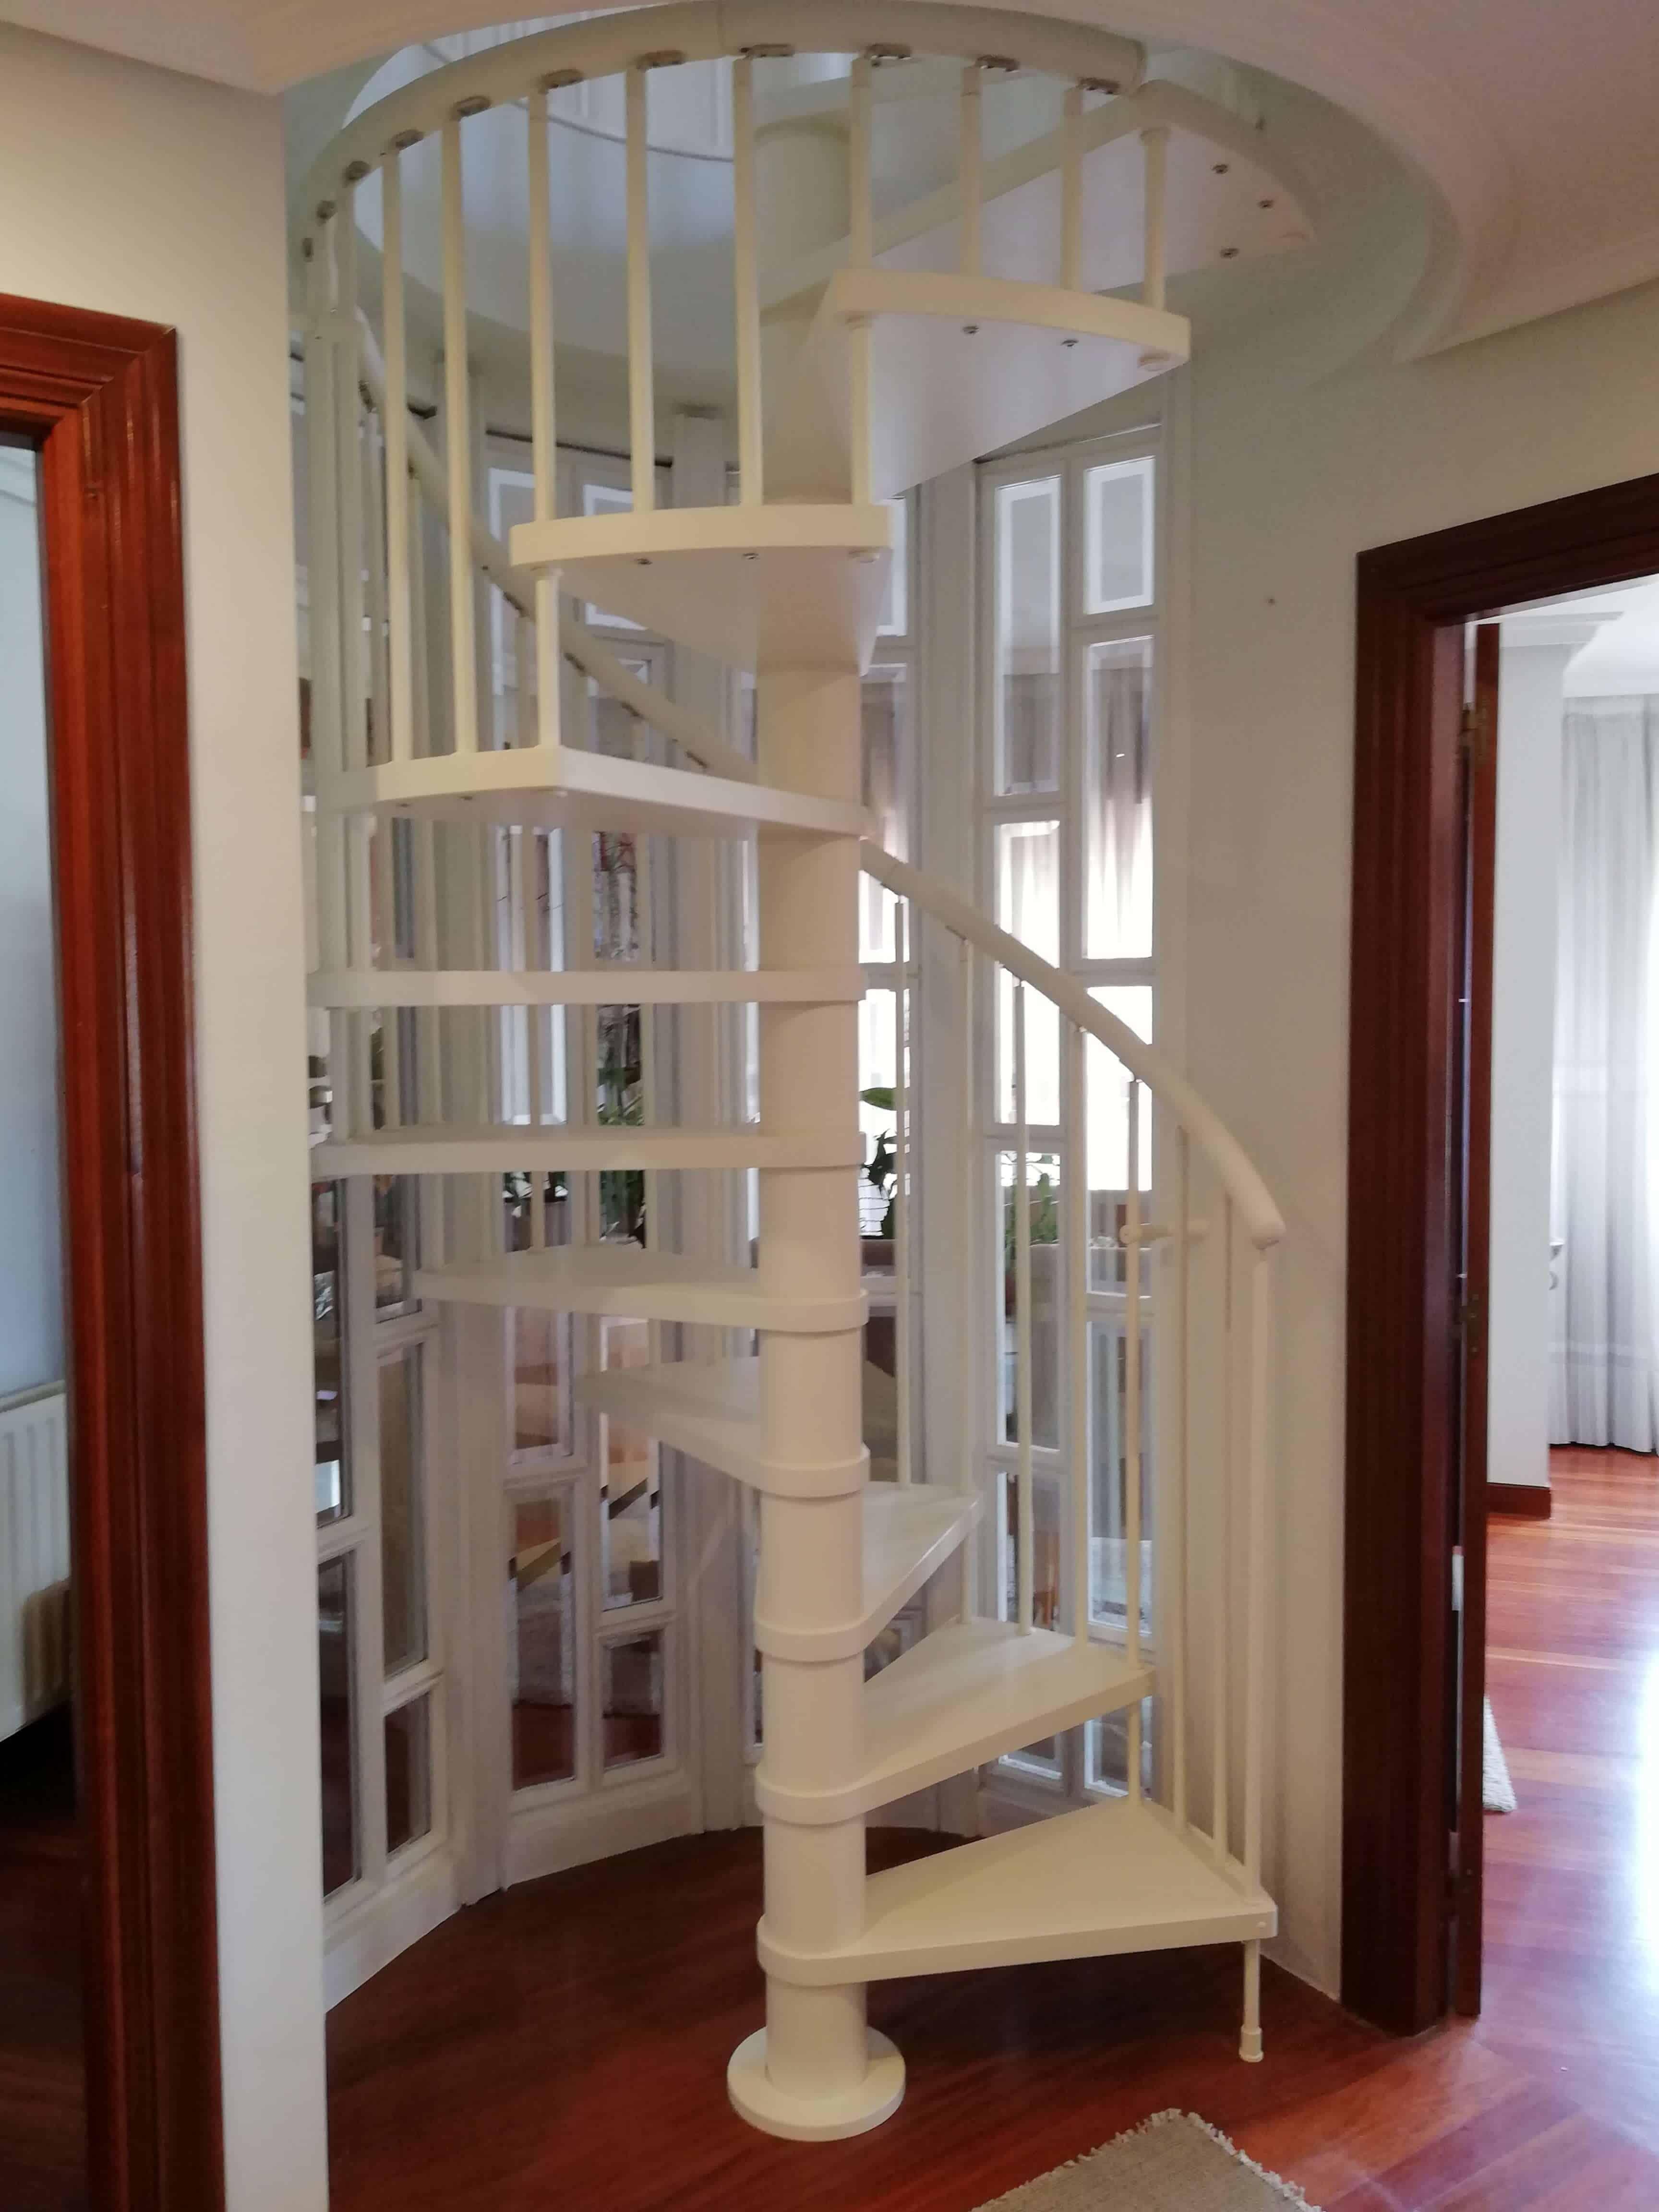 Escalera de caracol en madera lacada color blanco | Enesca.es